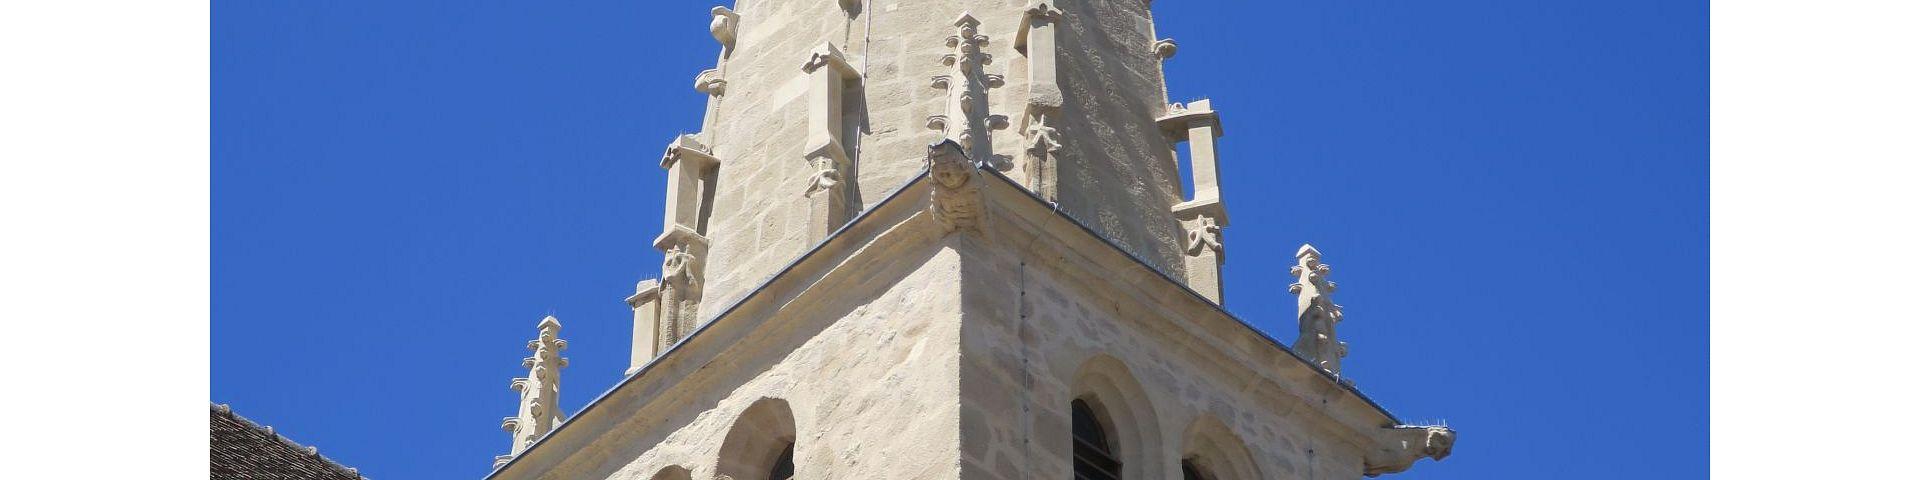 Saint-Léger-sur-Dheune - Eglise St-Léger (71)